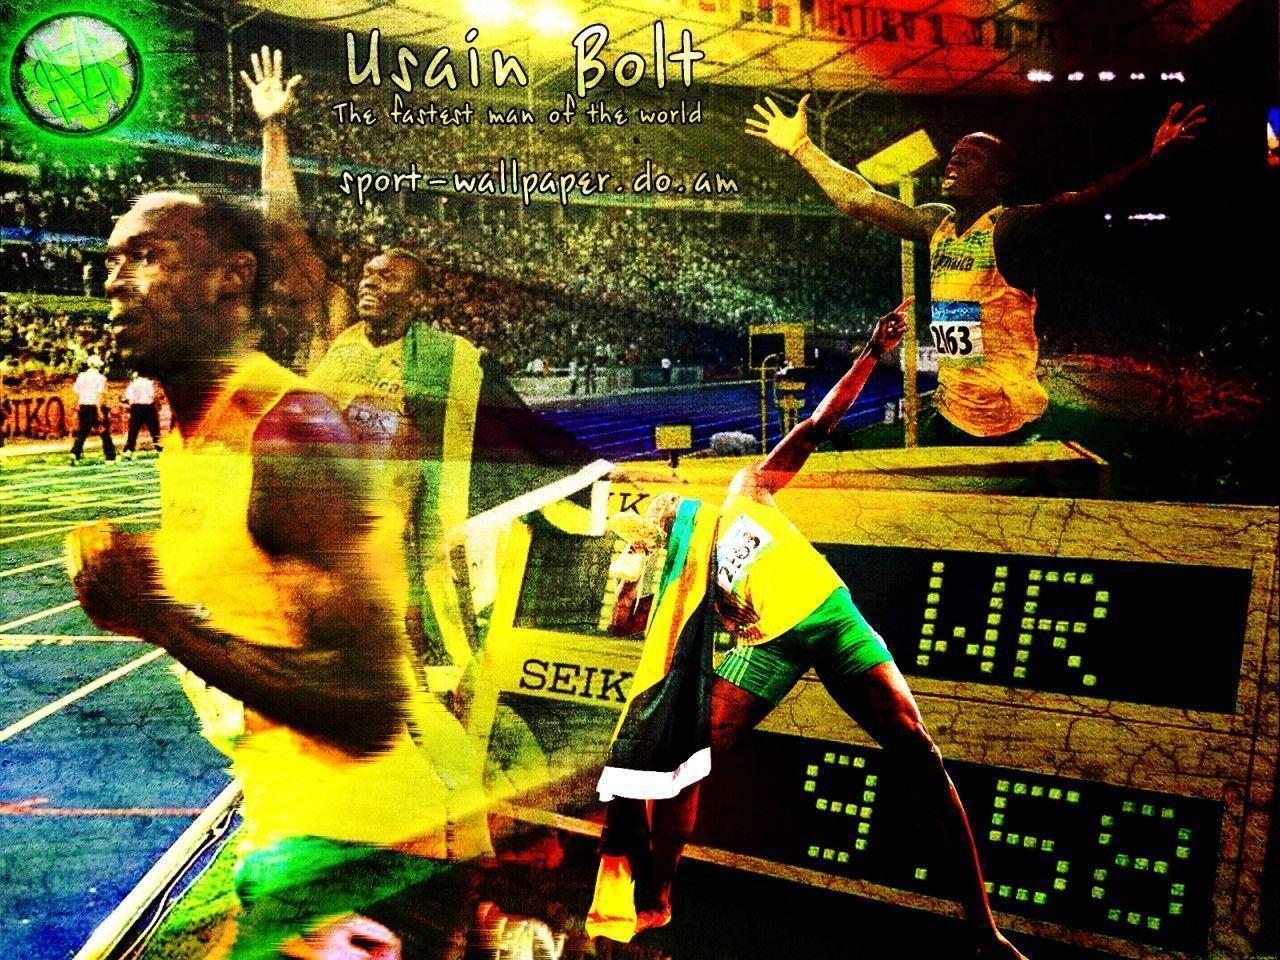 Usain Bolt wallpaper by WWW.SPORT-WALLPAPER.DO.AM 60023 - Olympics ...